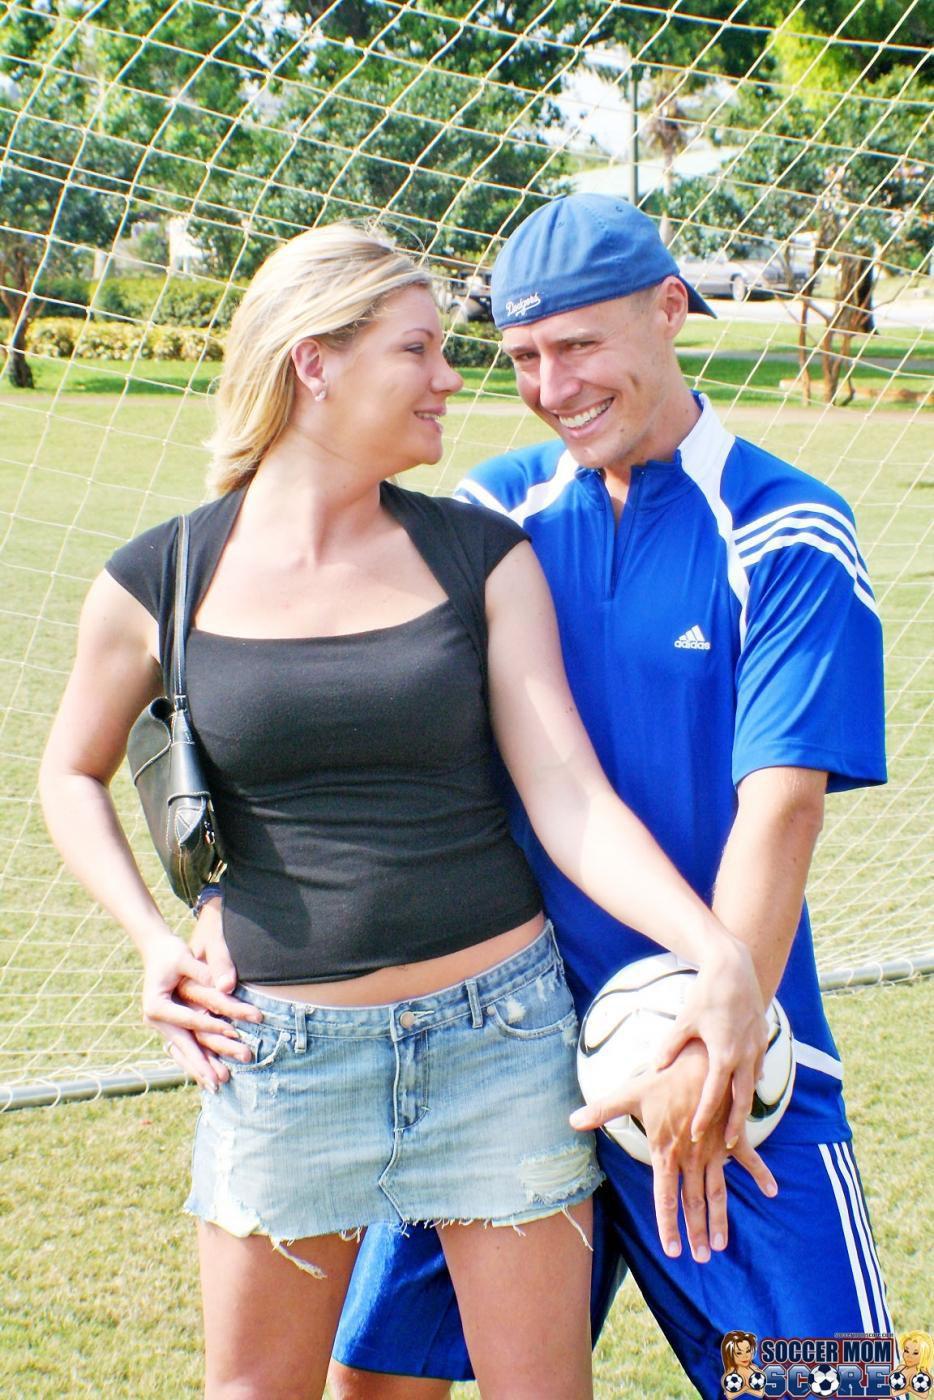 Сисястая модель со свелыми волосами Christina Skye дала свою розовую пизду проткнуть крутому  футболисту